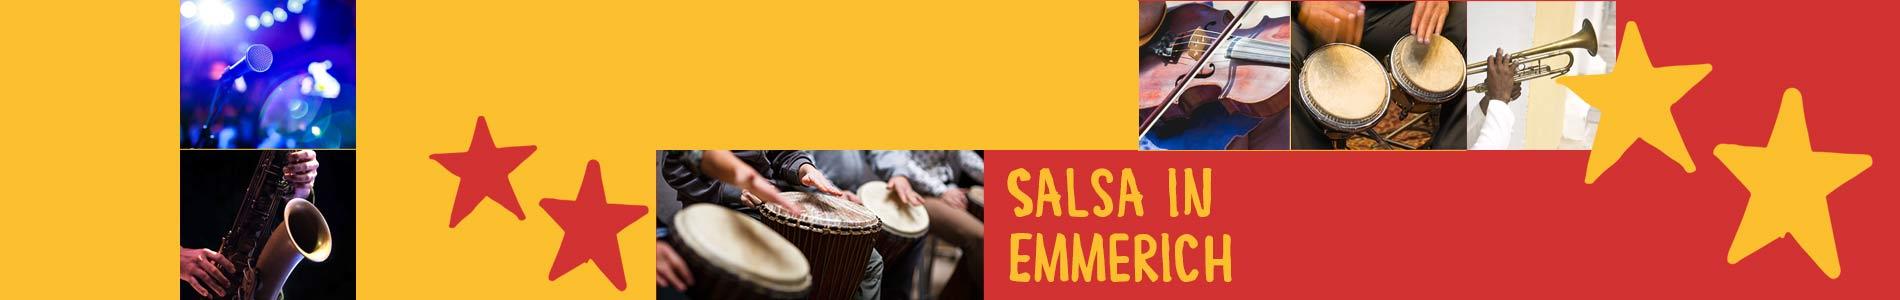 Salsa in Emmerich – Salsa lernen und tanzen, Tanzkurse, Partys, Veranstaltungen